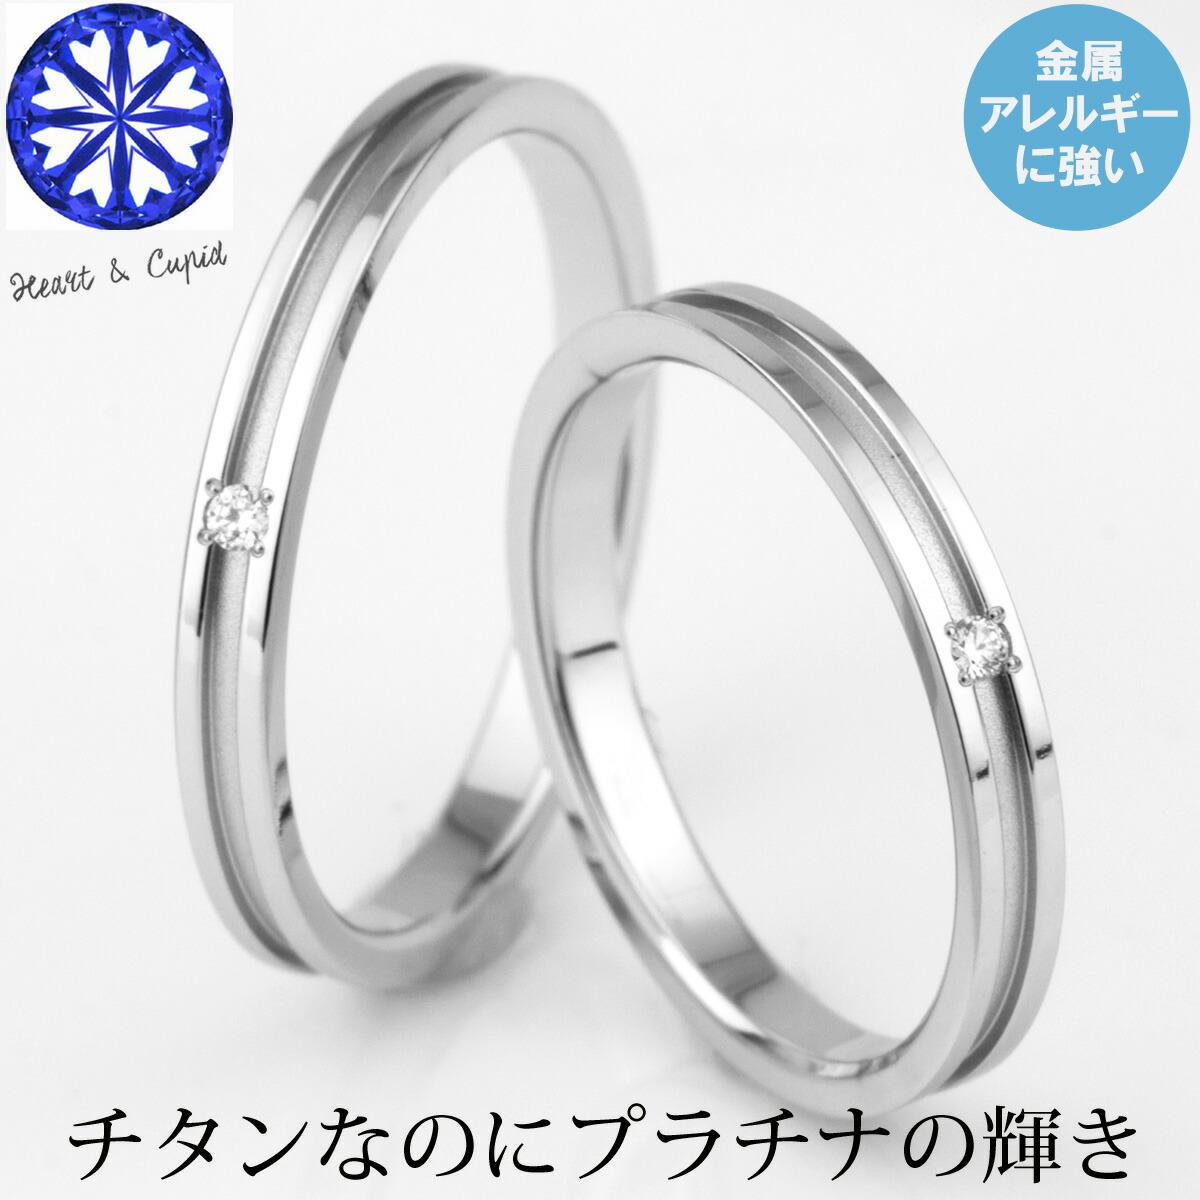 【ペアセット】ダイヤ付き